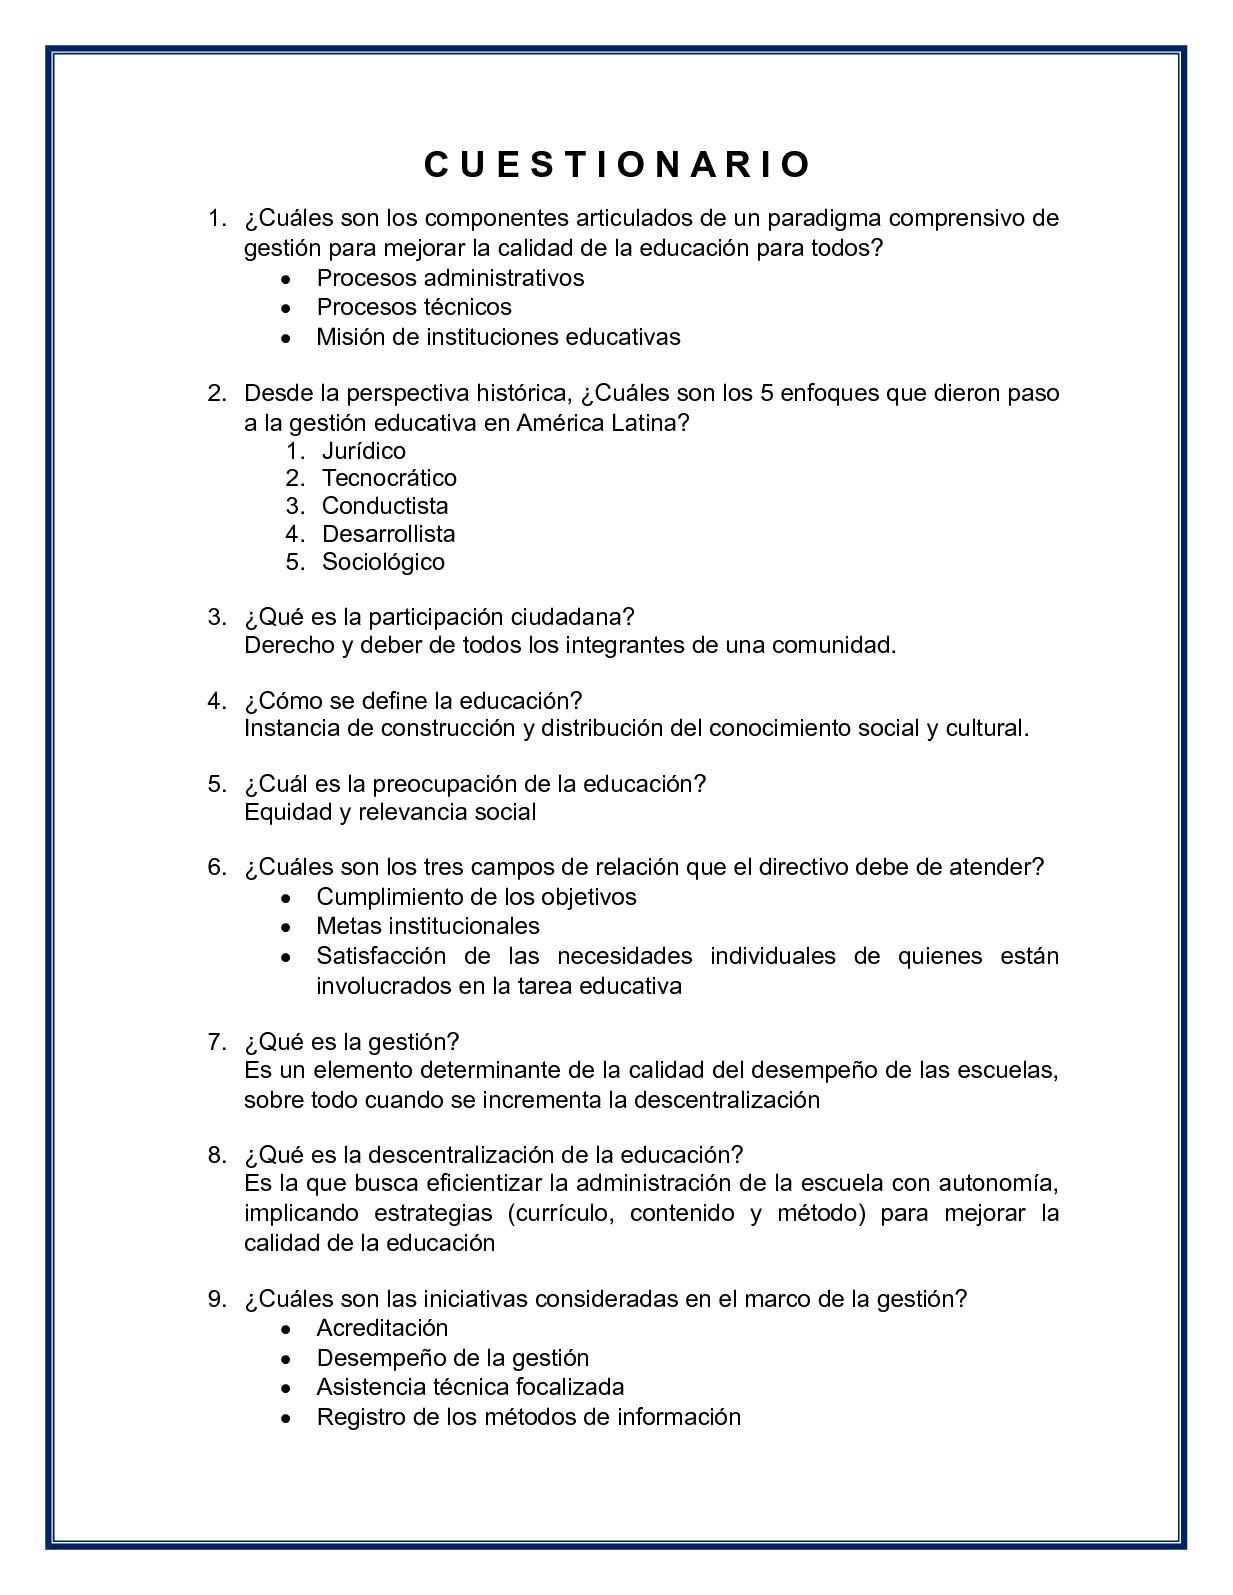 Calaméo - Cuestionario Gestión Educativa